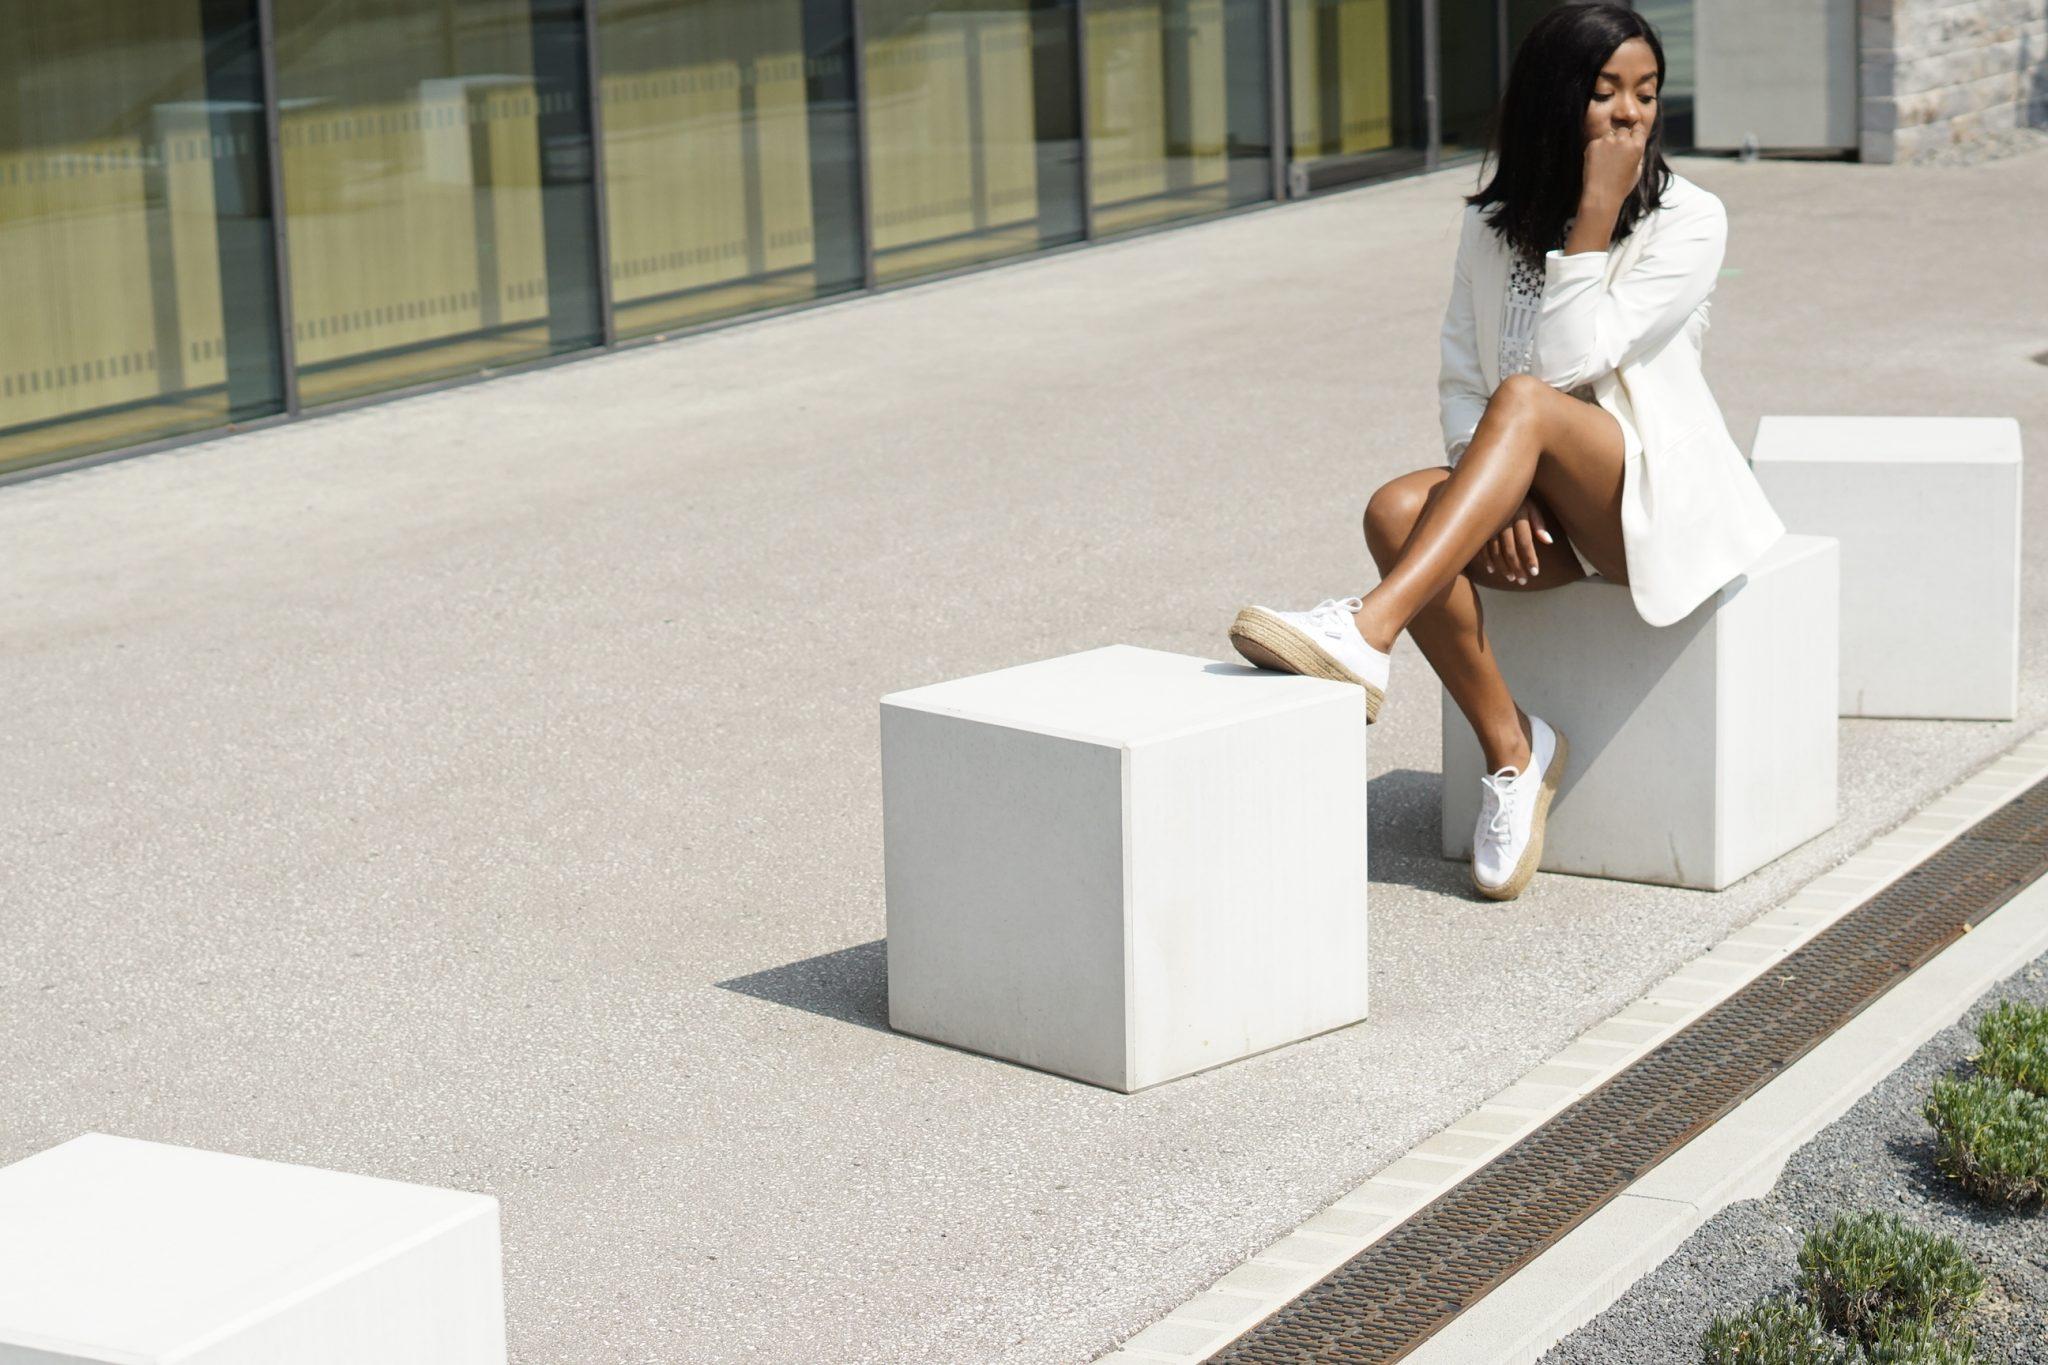 White Blazer - All White Look